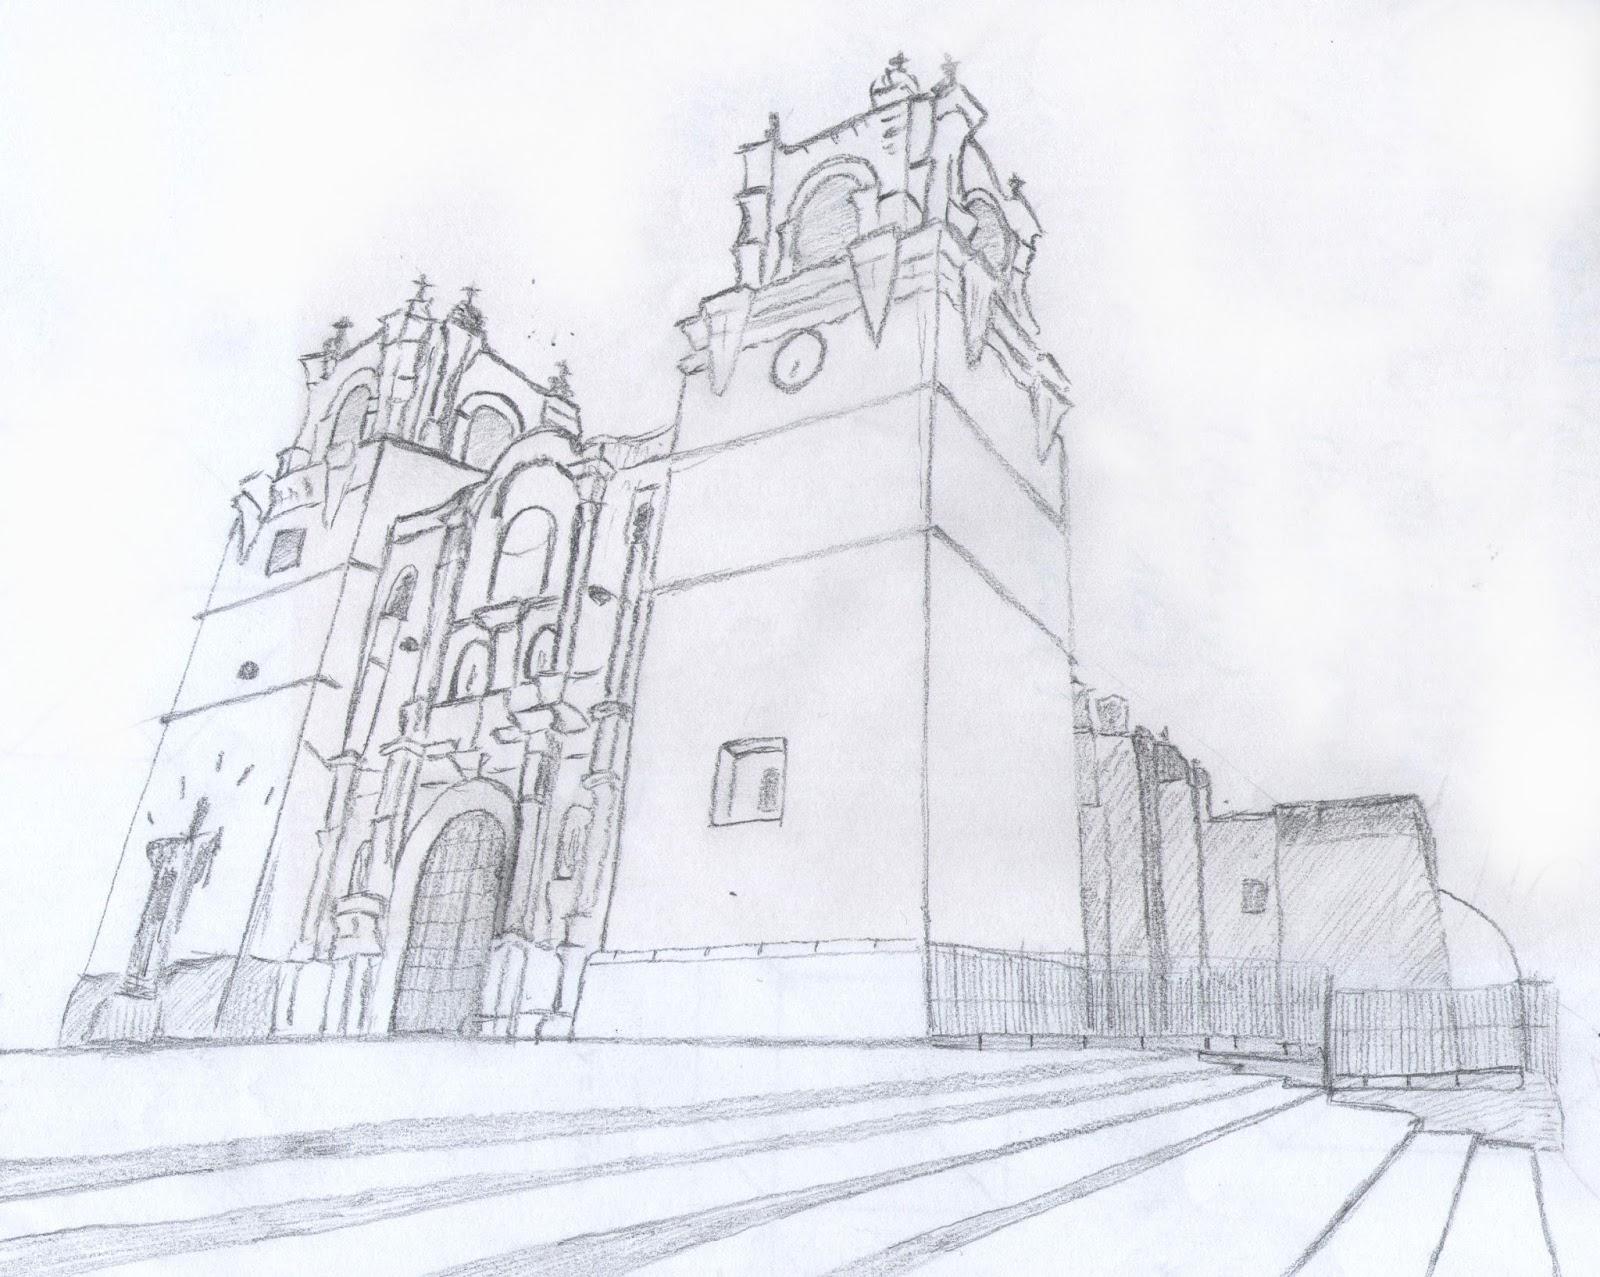 Dibujo arquitectonico importancia del dibujo en la for Articulos de arquitectura 2015